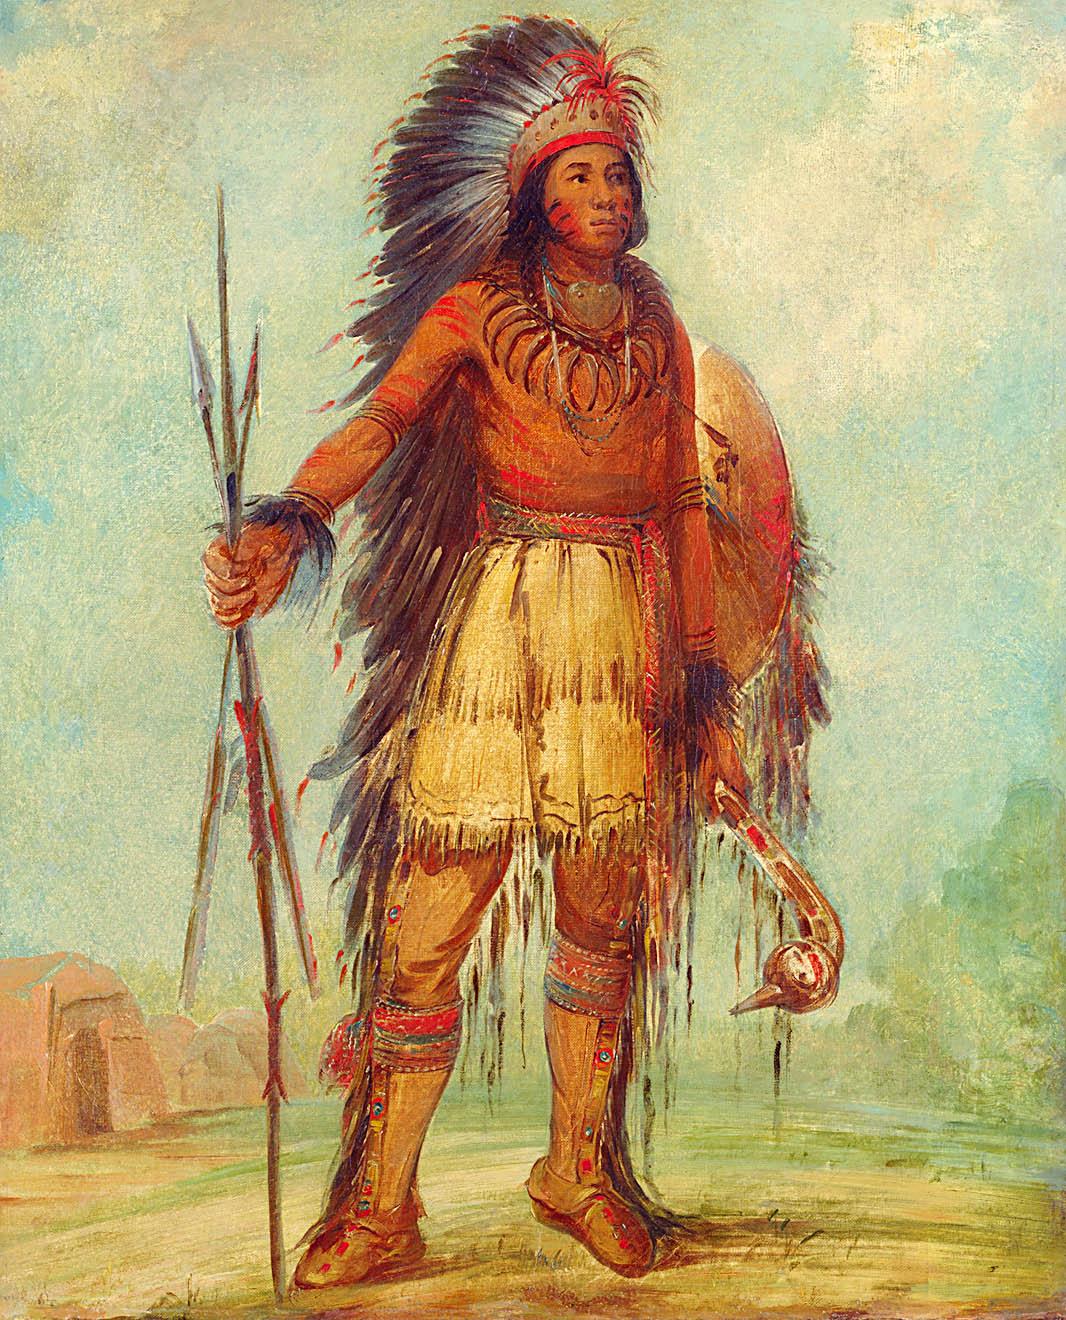 словами, картинки про индейцев южной америки свободой